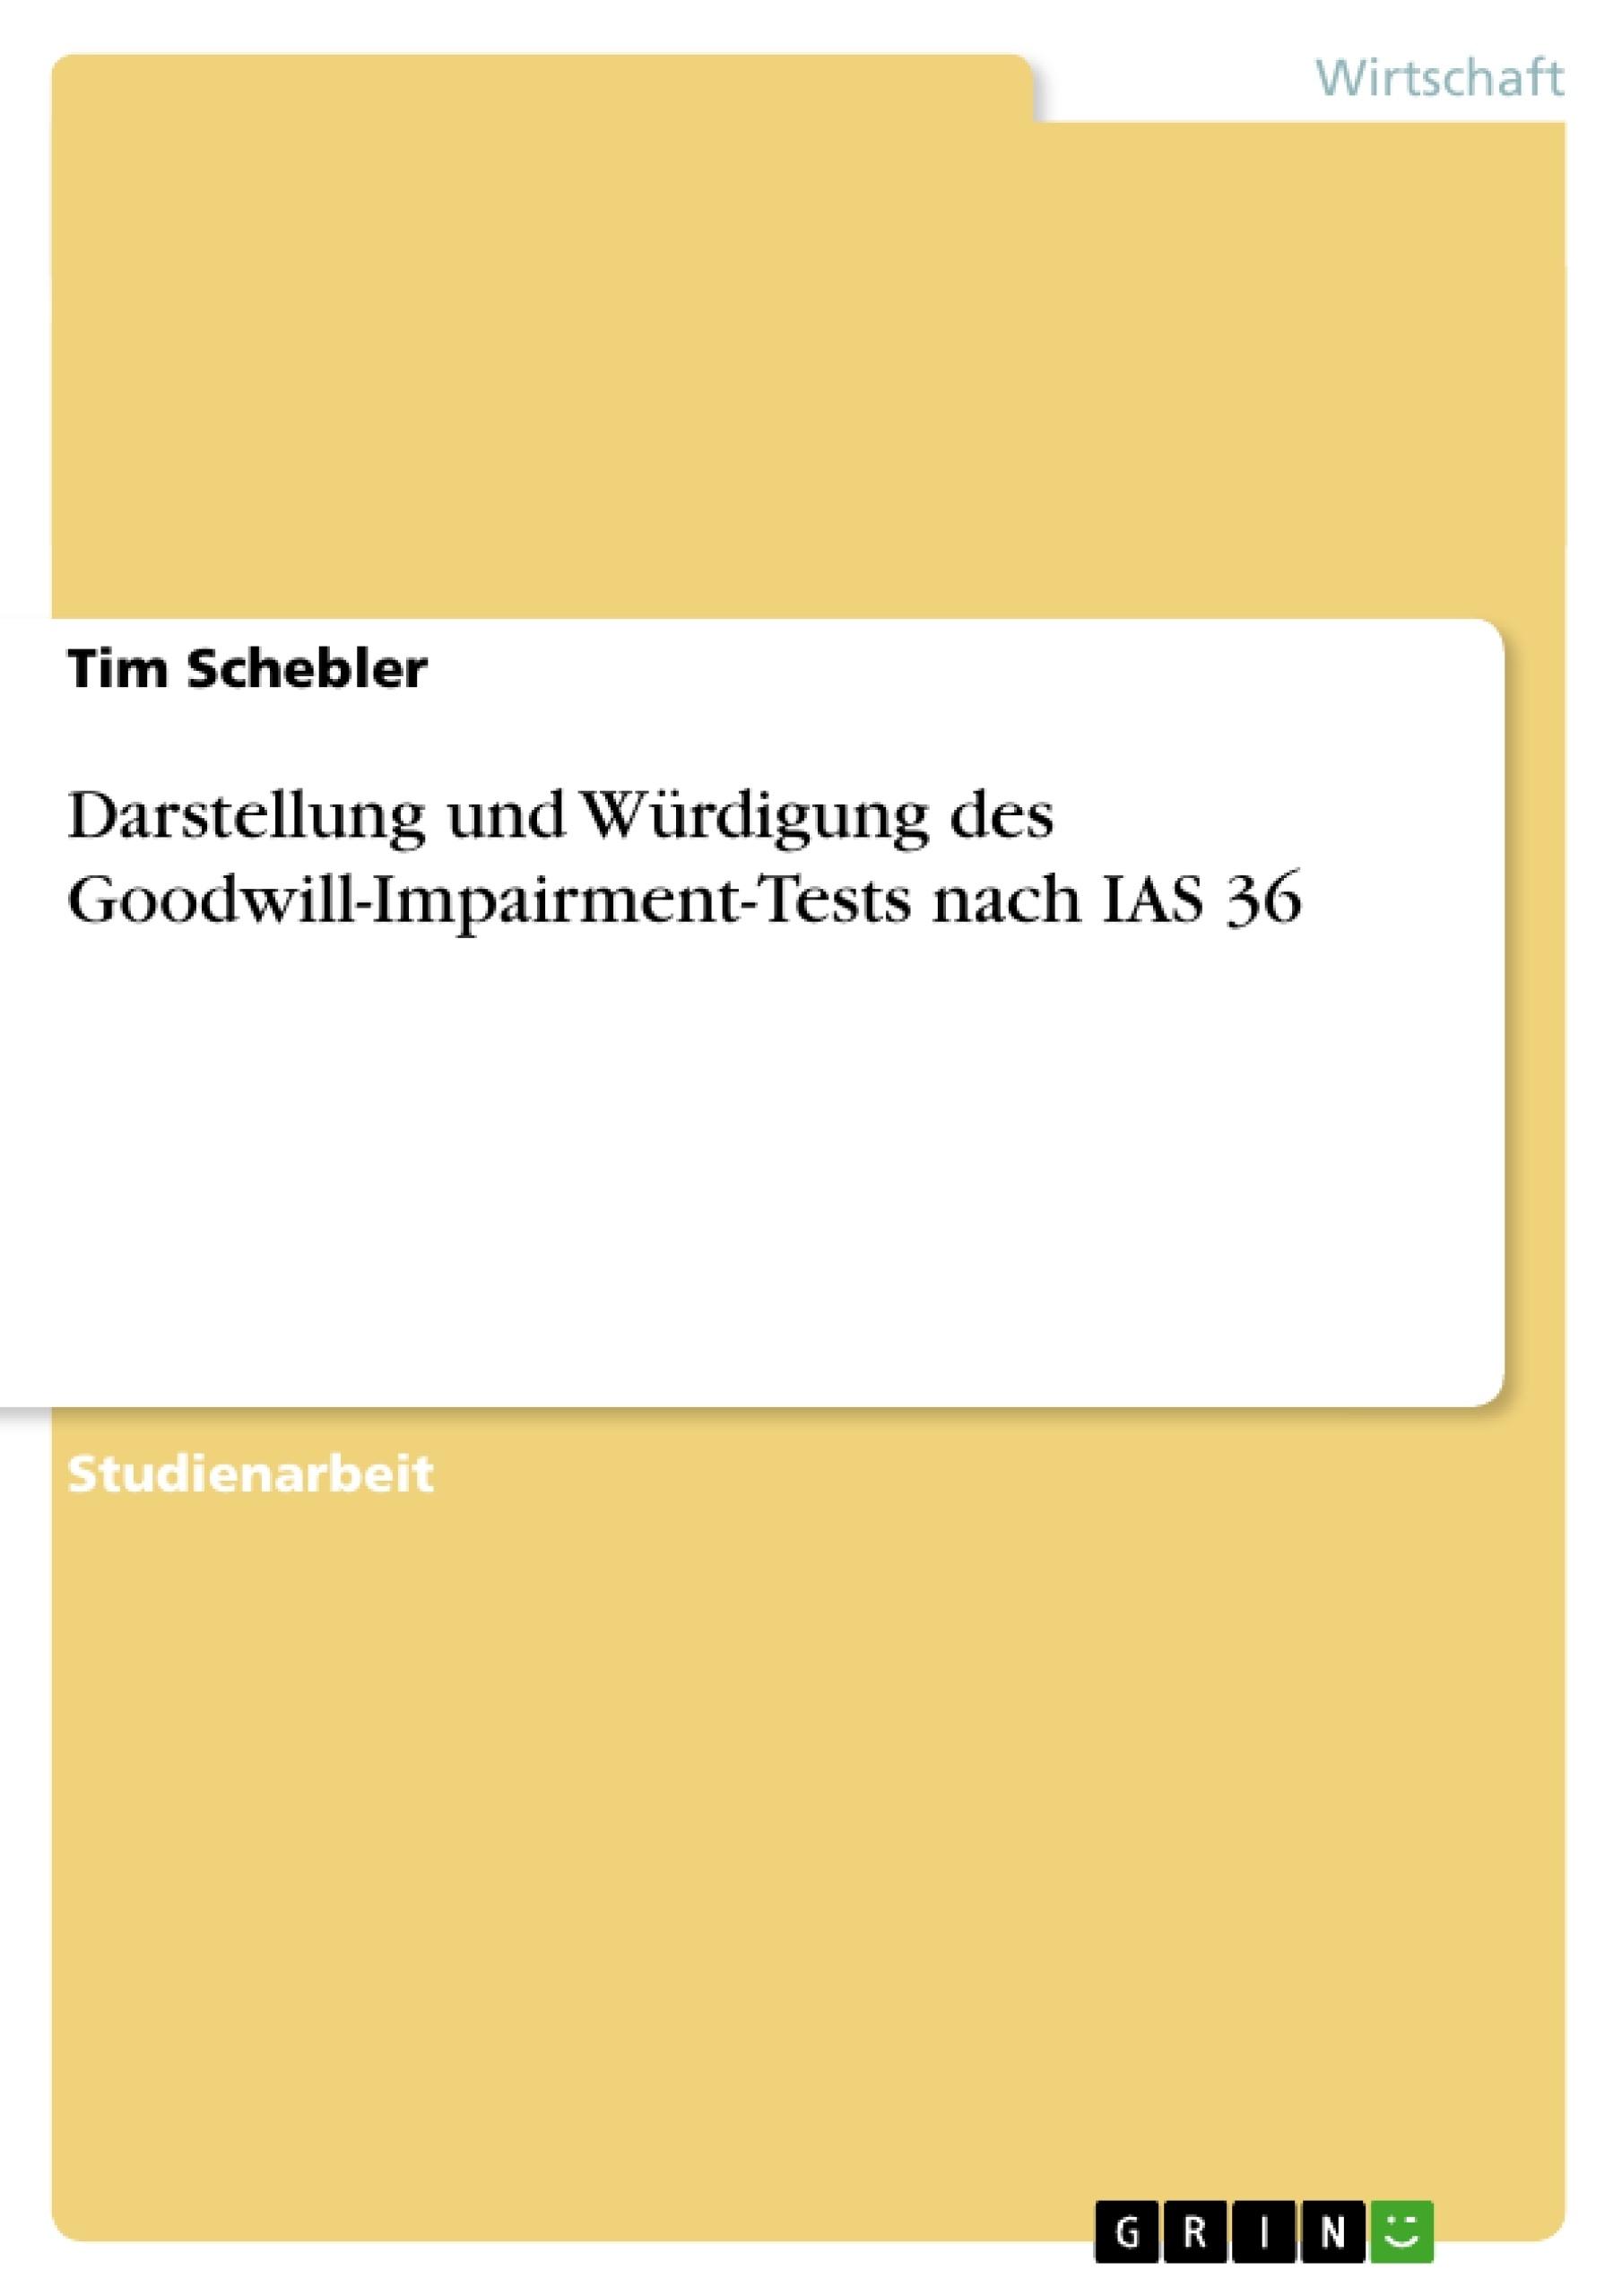 Titel: Darstellung und Würdigung des Goodwill-Impairment-Tests nach IAS 36